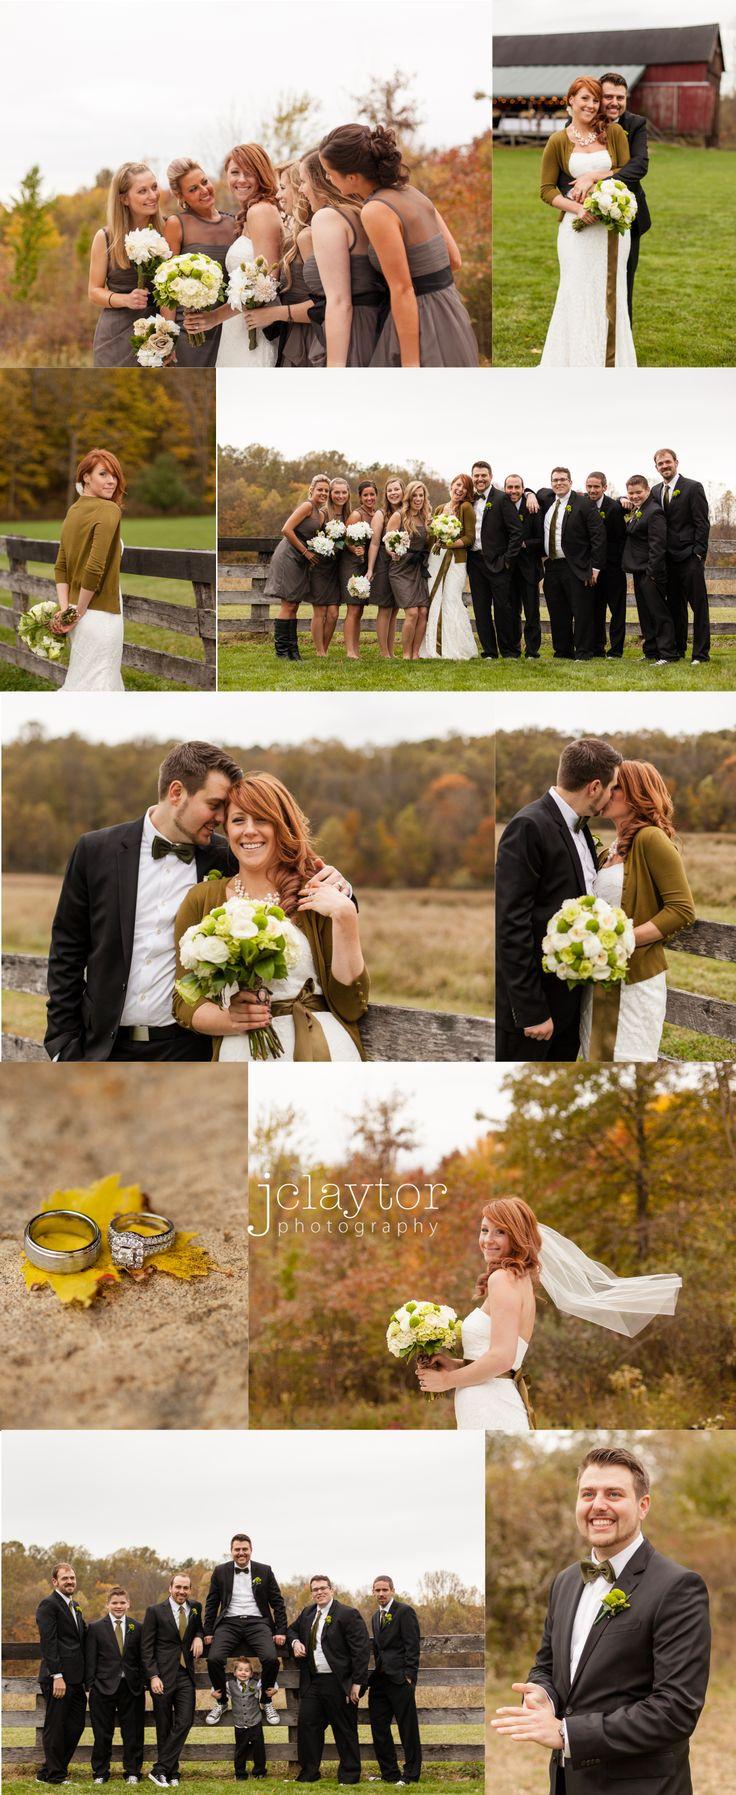 A Beautiful Fall Barn Wedding Wedding Photography By